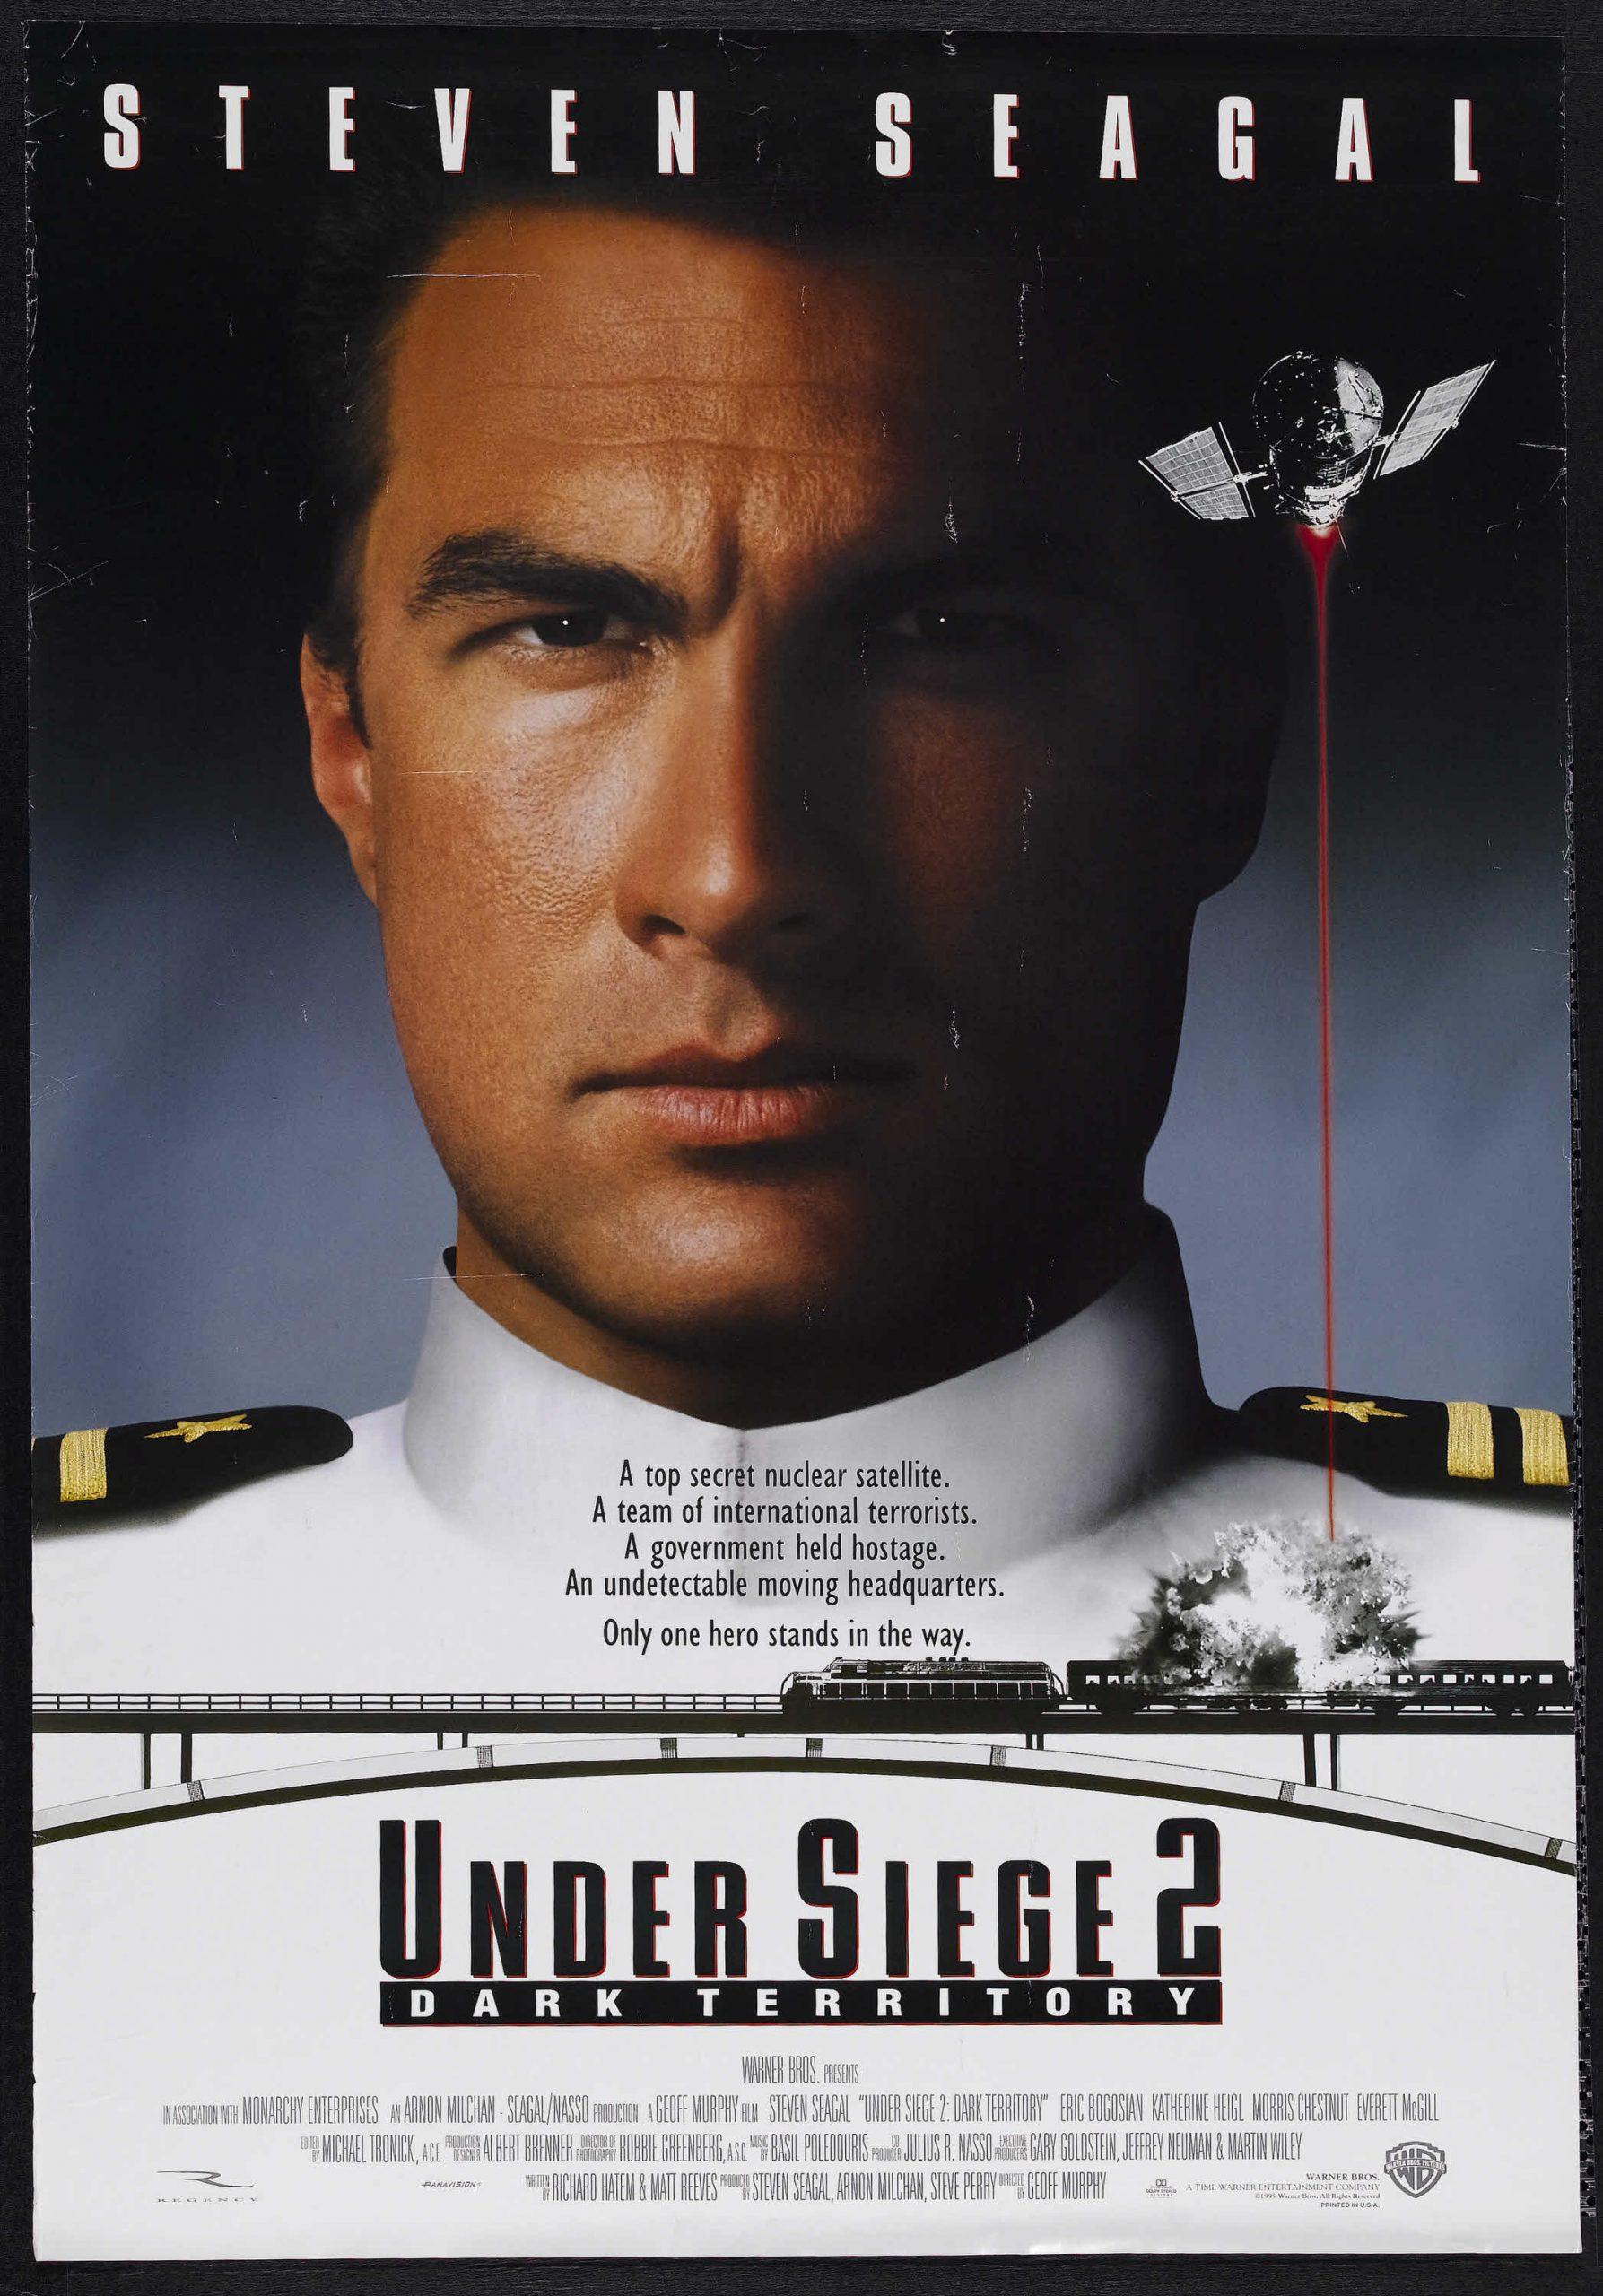 Under Siege 2